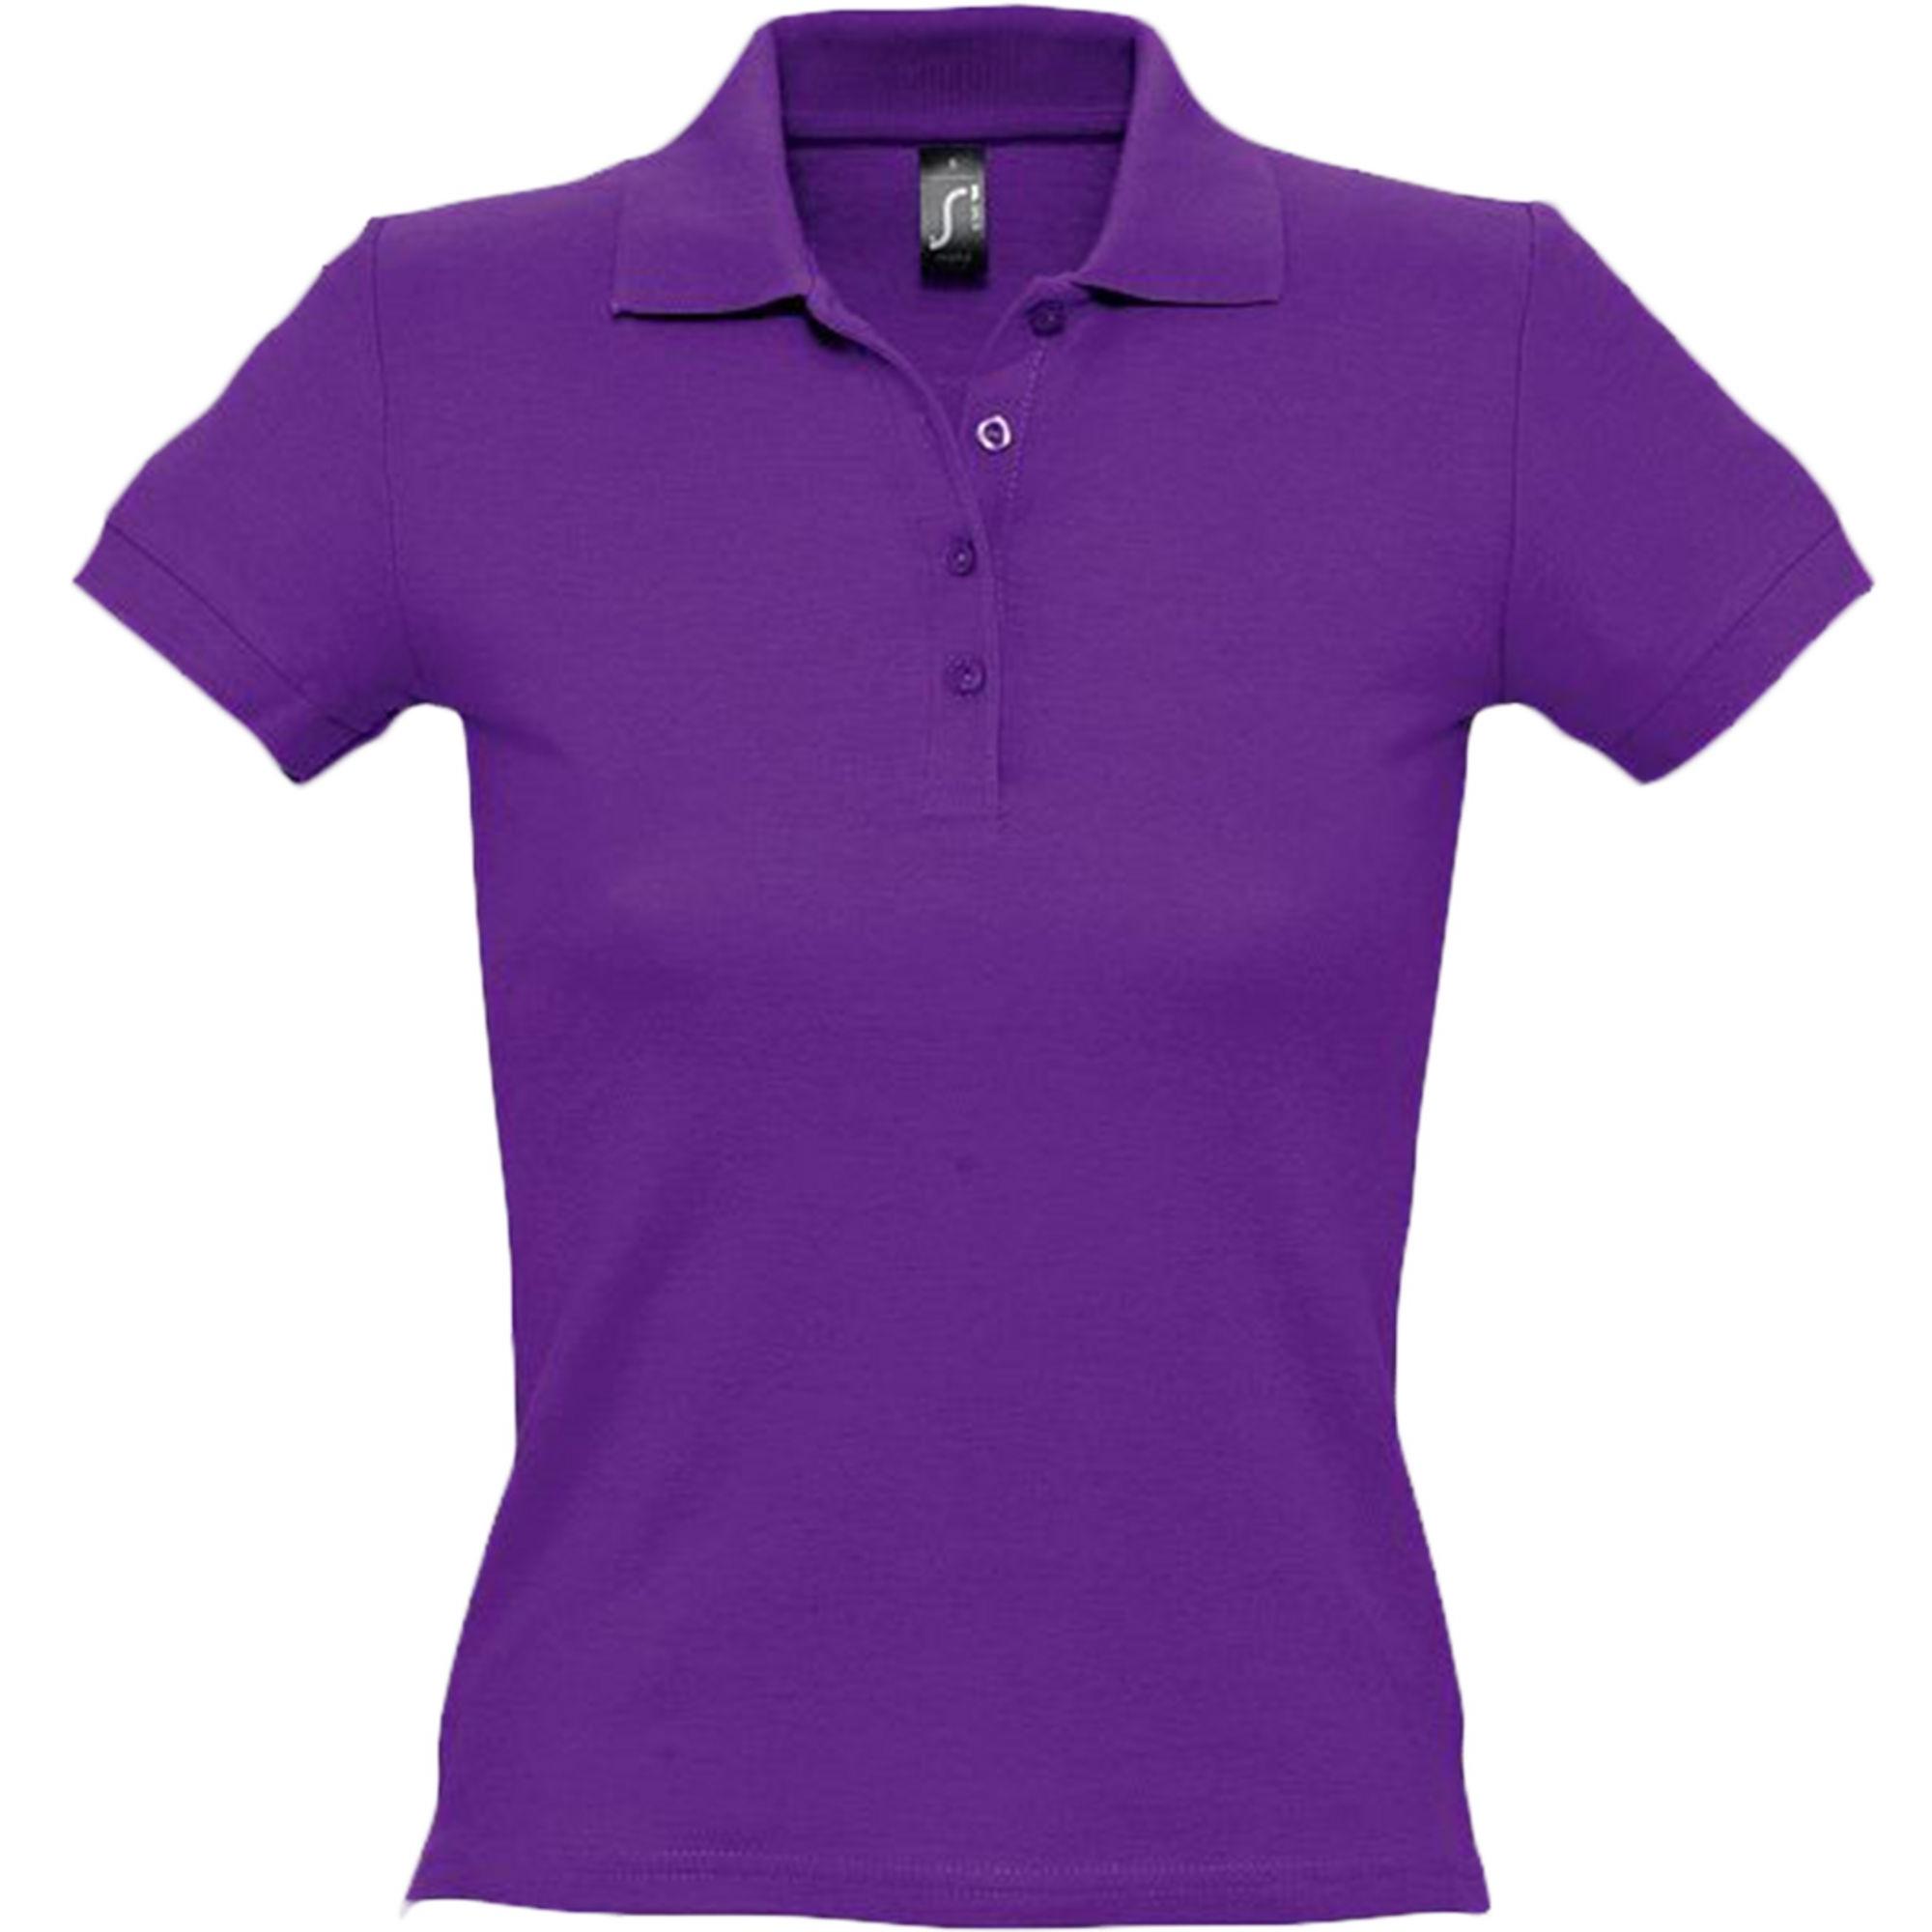 Рубашка поло женская фиолетовая PEOPLE. арт.1895 SALE